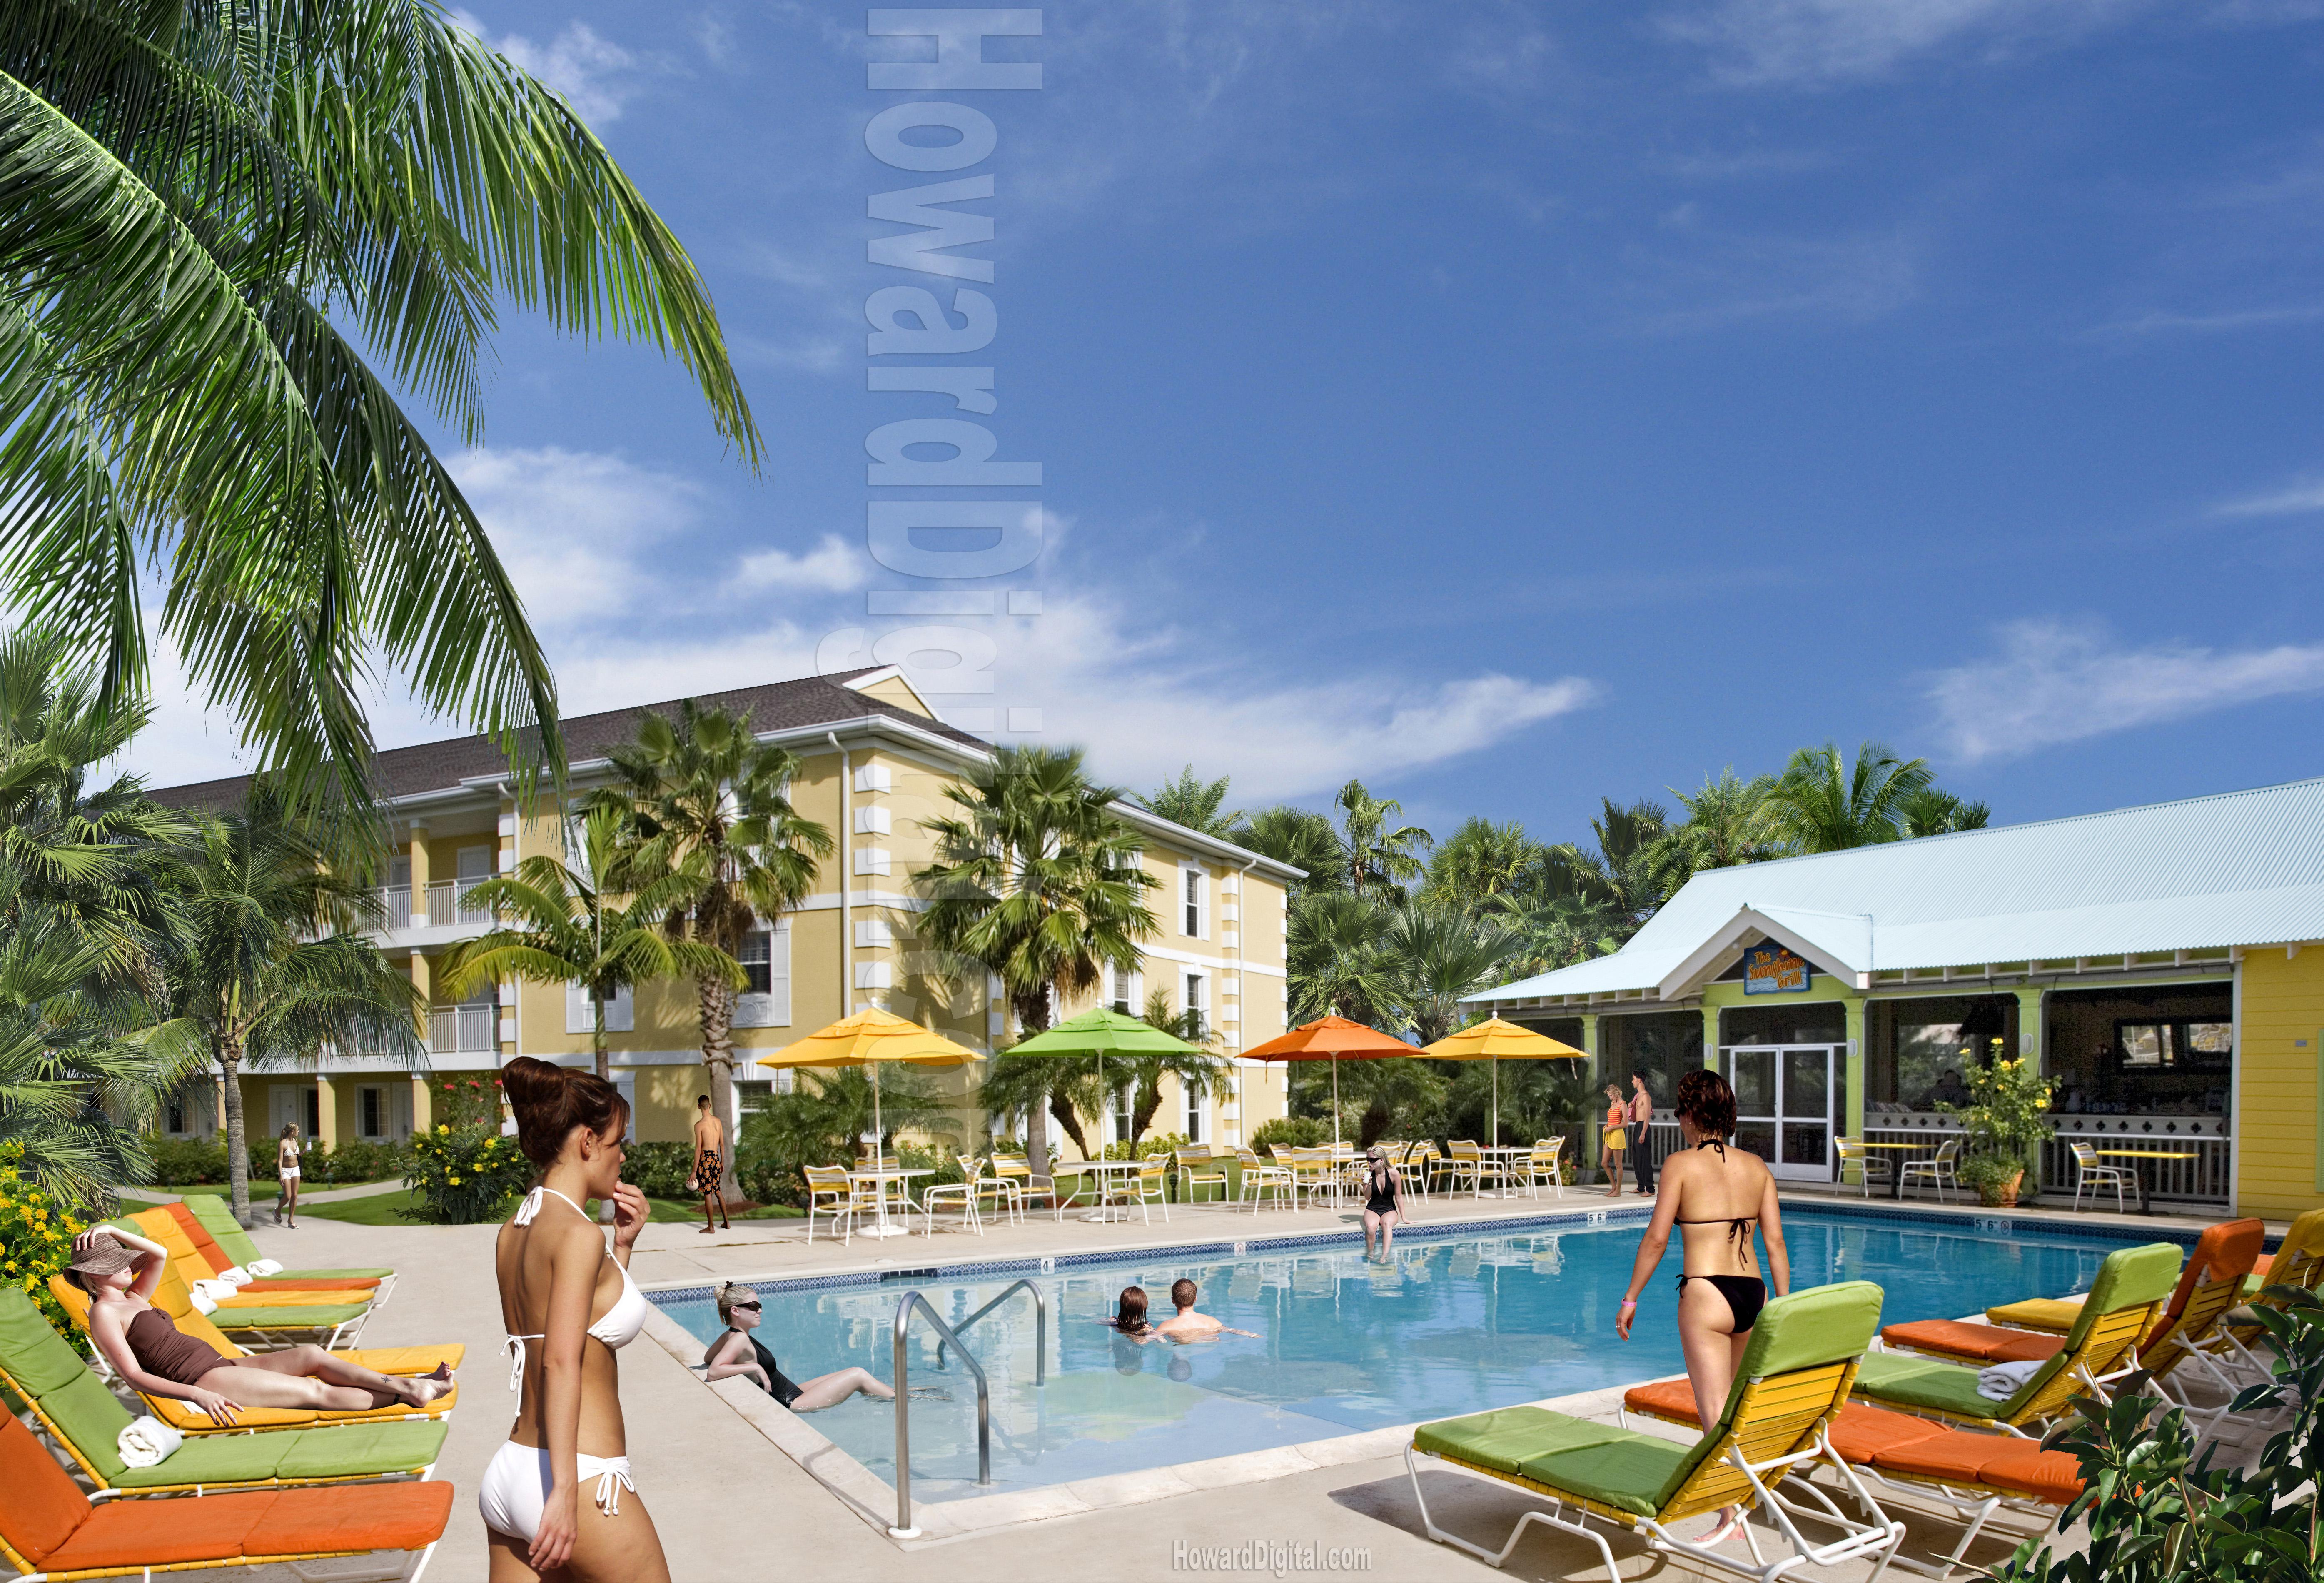 The Ritz-Carlton, Grand Cayman en Grand Cayman Hotel gastos y comentarios sobre Orbitz